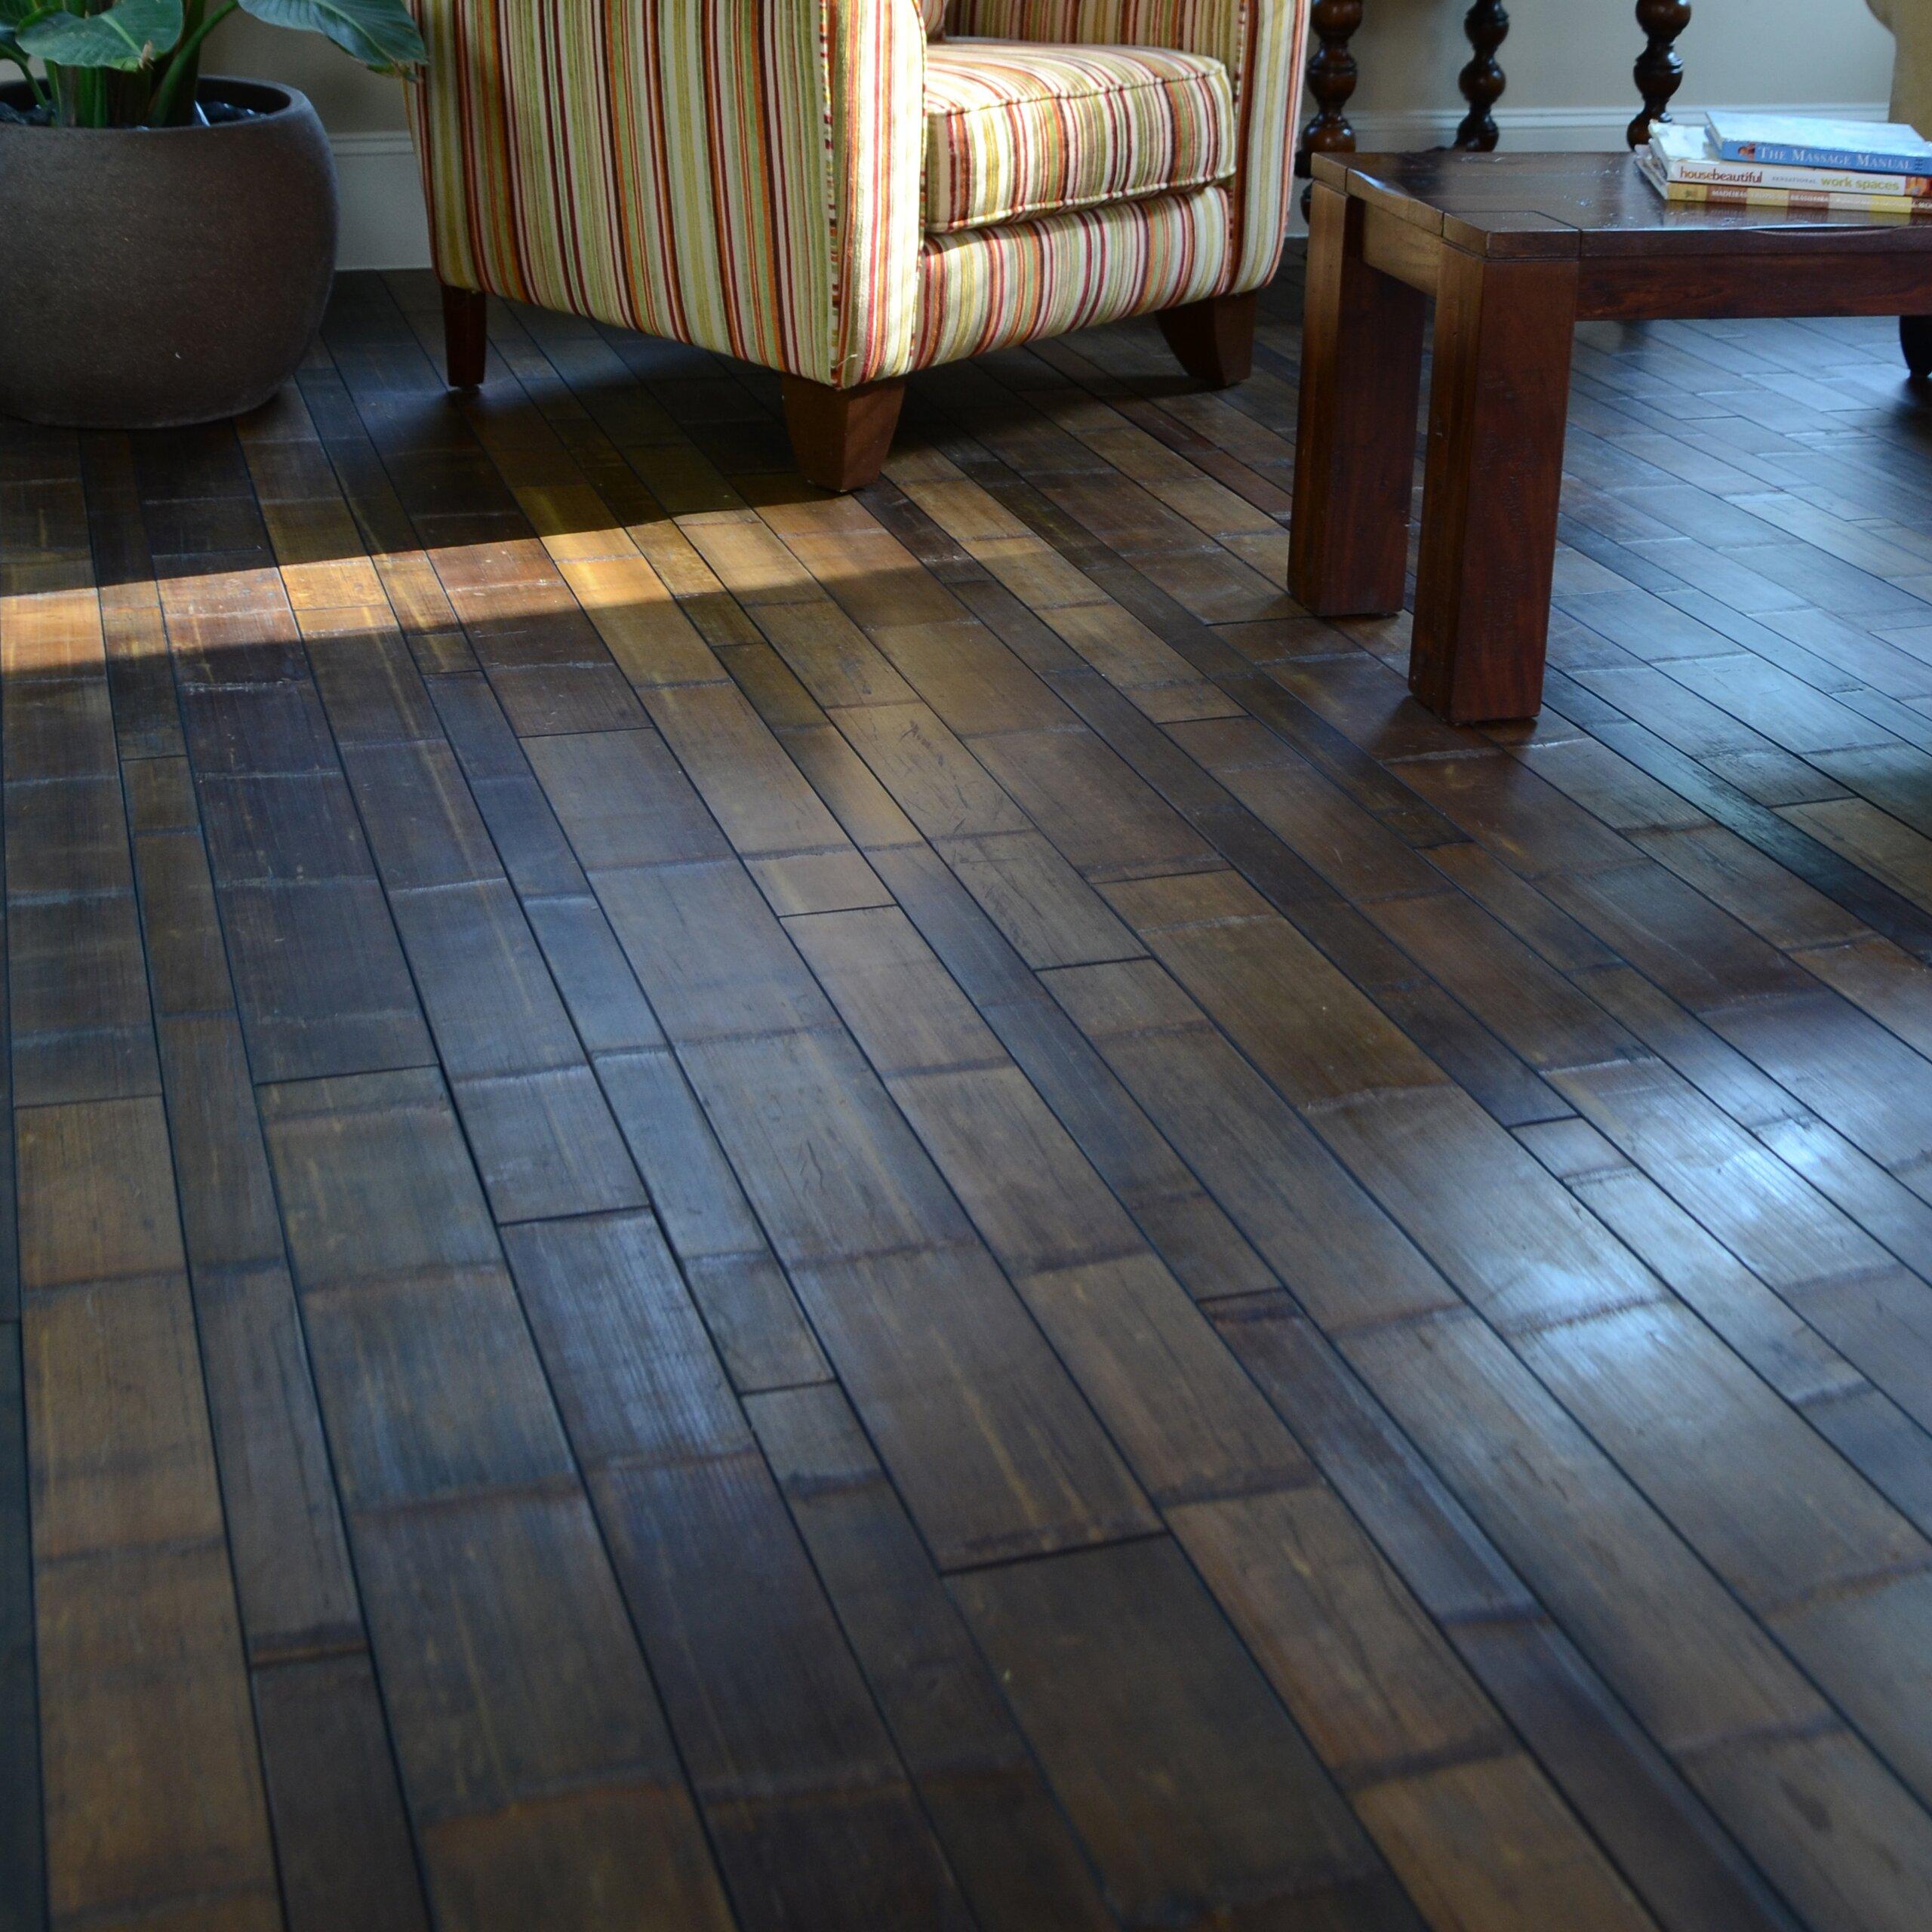 Easoon usa random width solid bamboo hardwood flooring in for Solid bamboo flooring